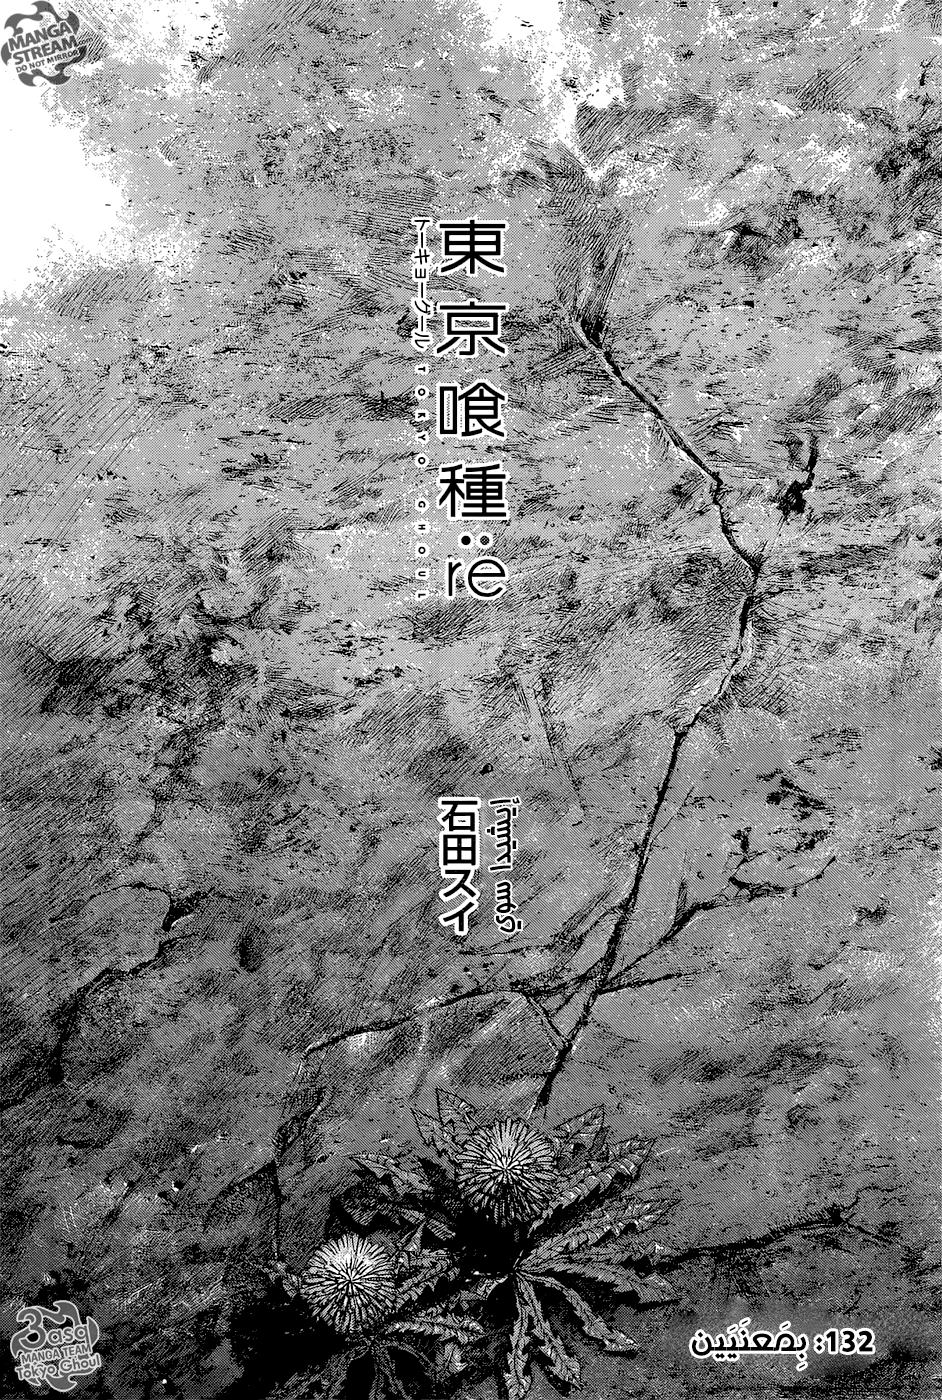 طوكيو غول:ري 132, Tokyo Ghoul:re 132